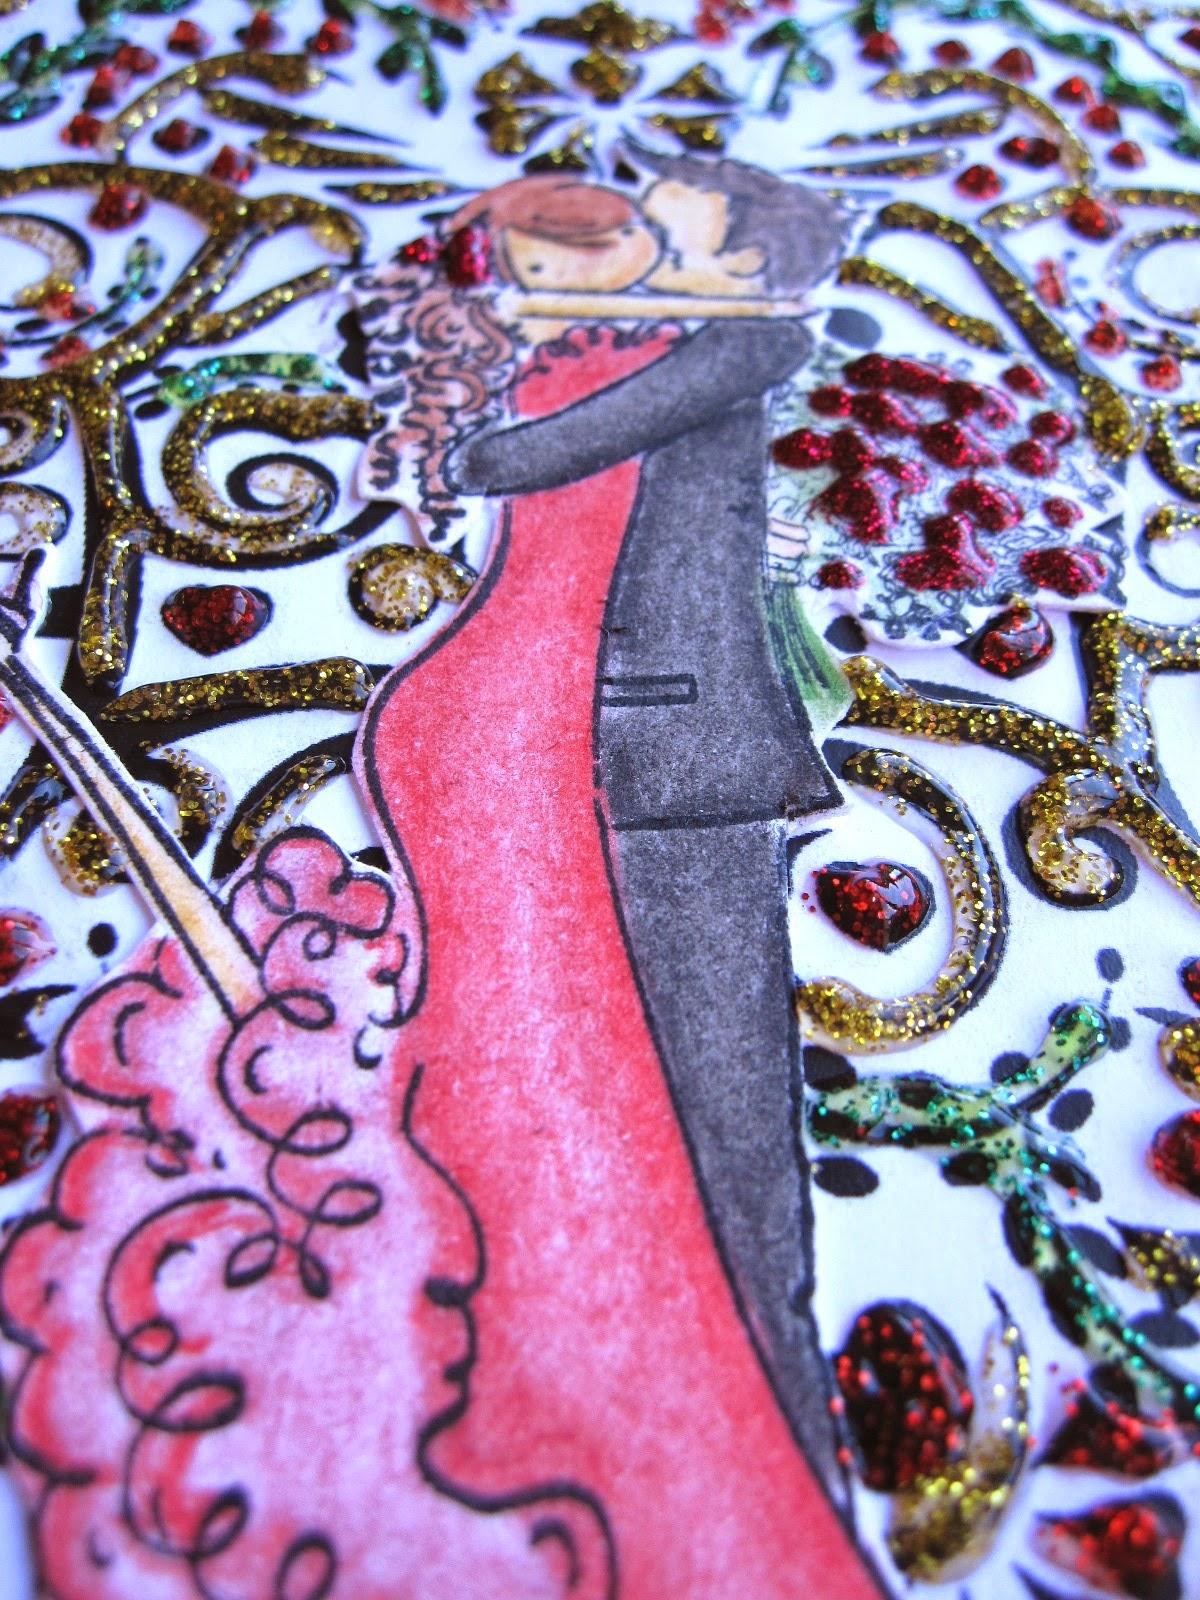 detalle de tarjeta de scrapbooking para San Valentín con corazón de filigrana decorado con glitter glue rojo, verde y amarillo y pareja de novios coloreada besándose